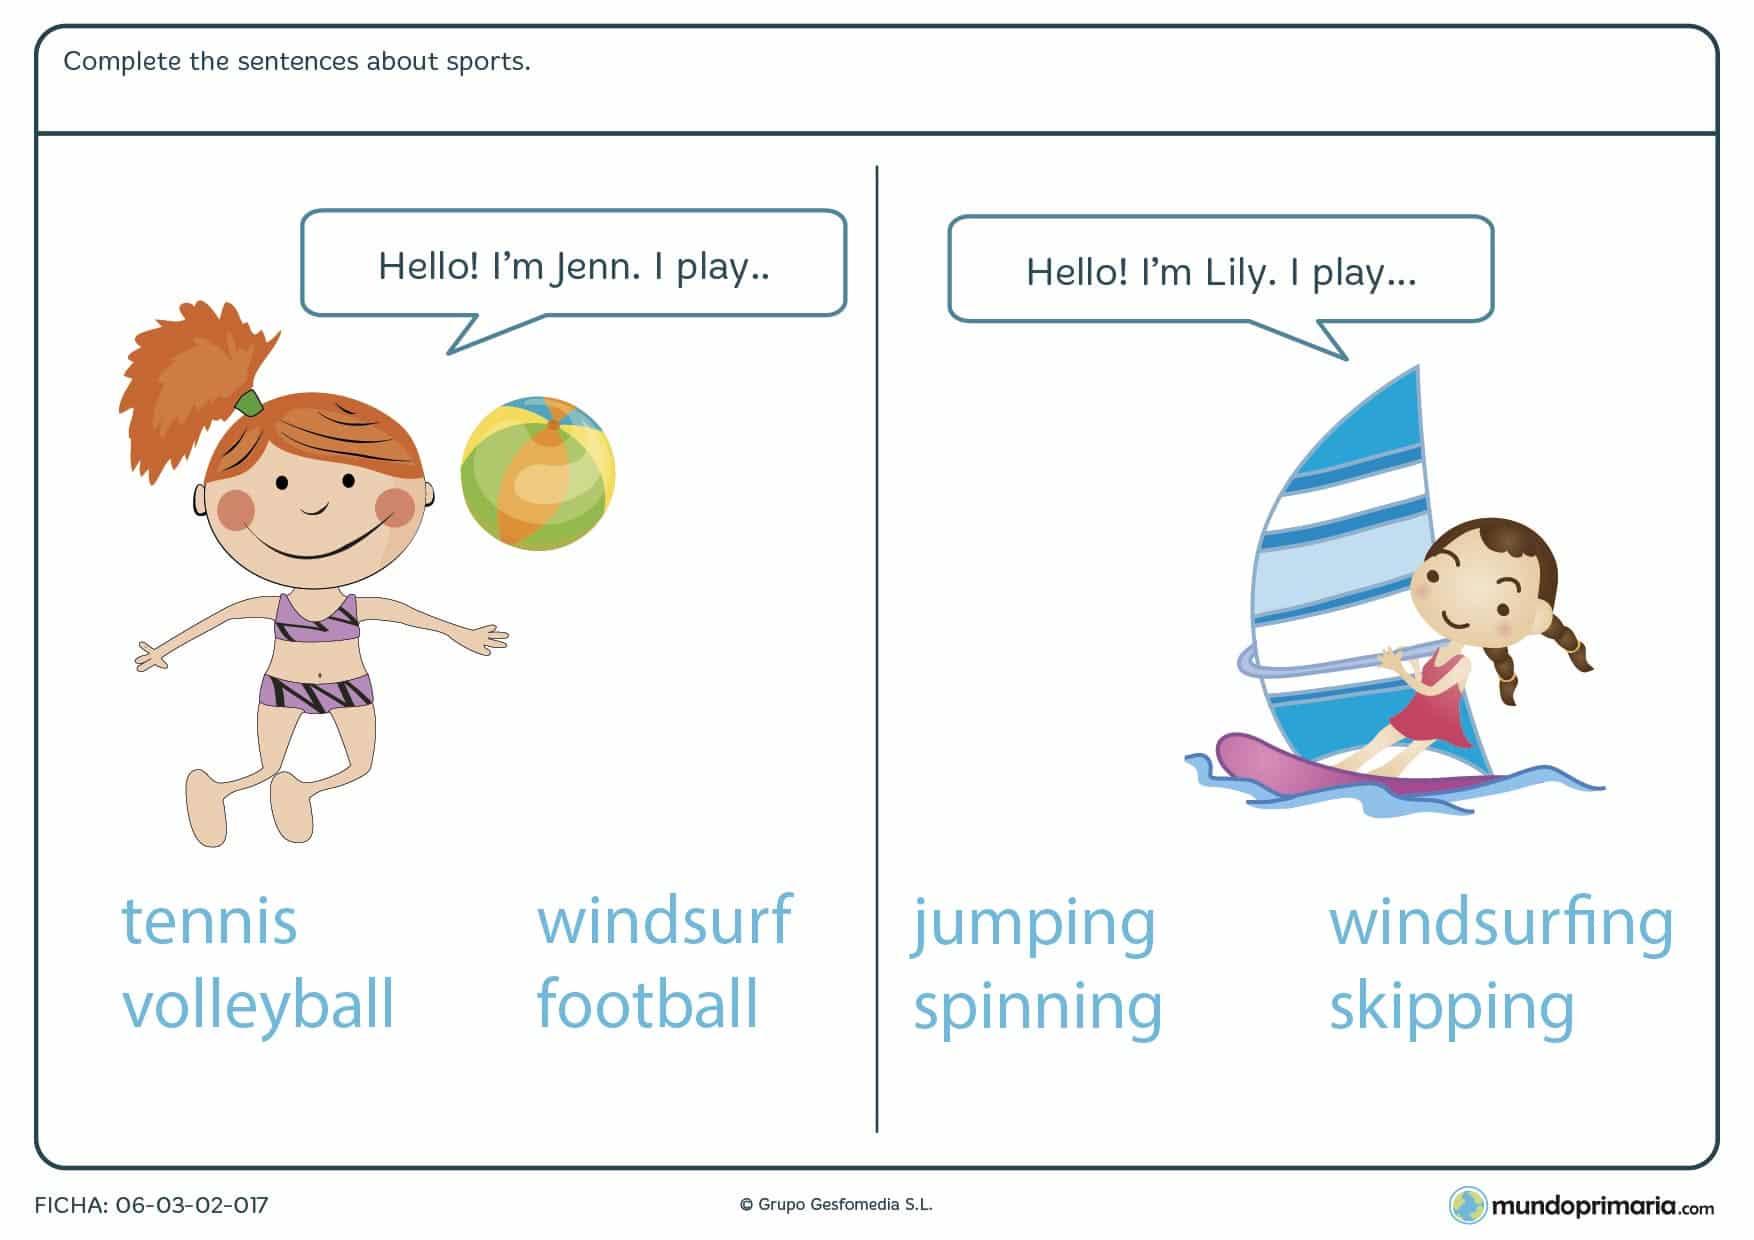 Ficha con ejercicios de vocabulario de deportes de playa en inglés diseñada para los alumnos de cuarto de Primaria con dos prácticas.